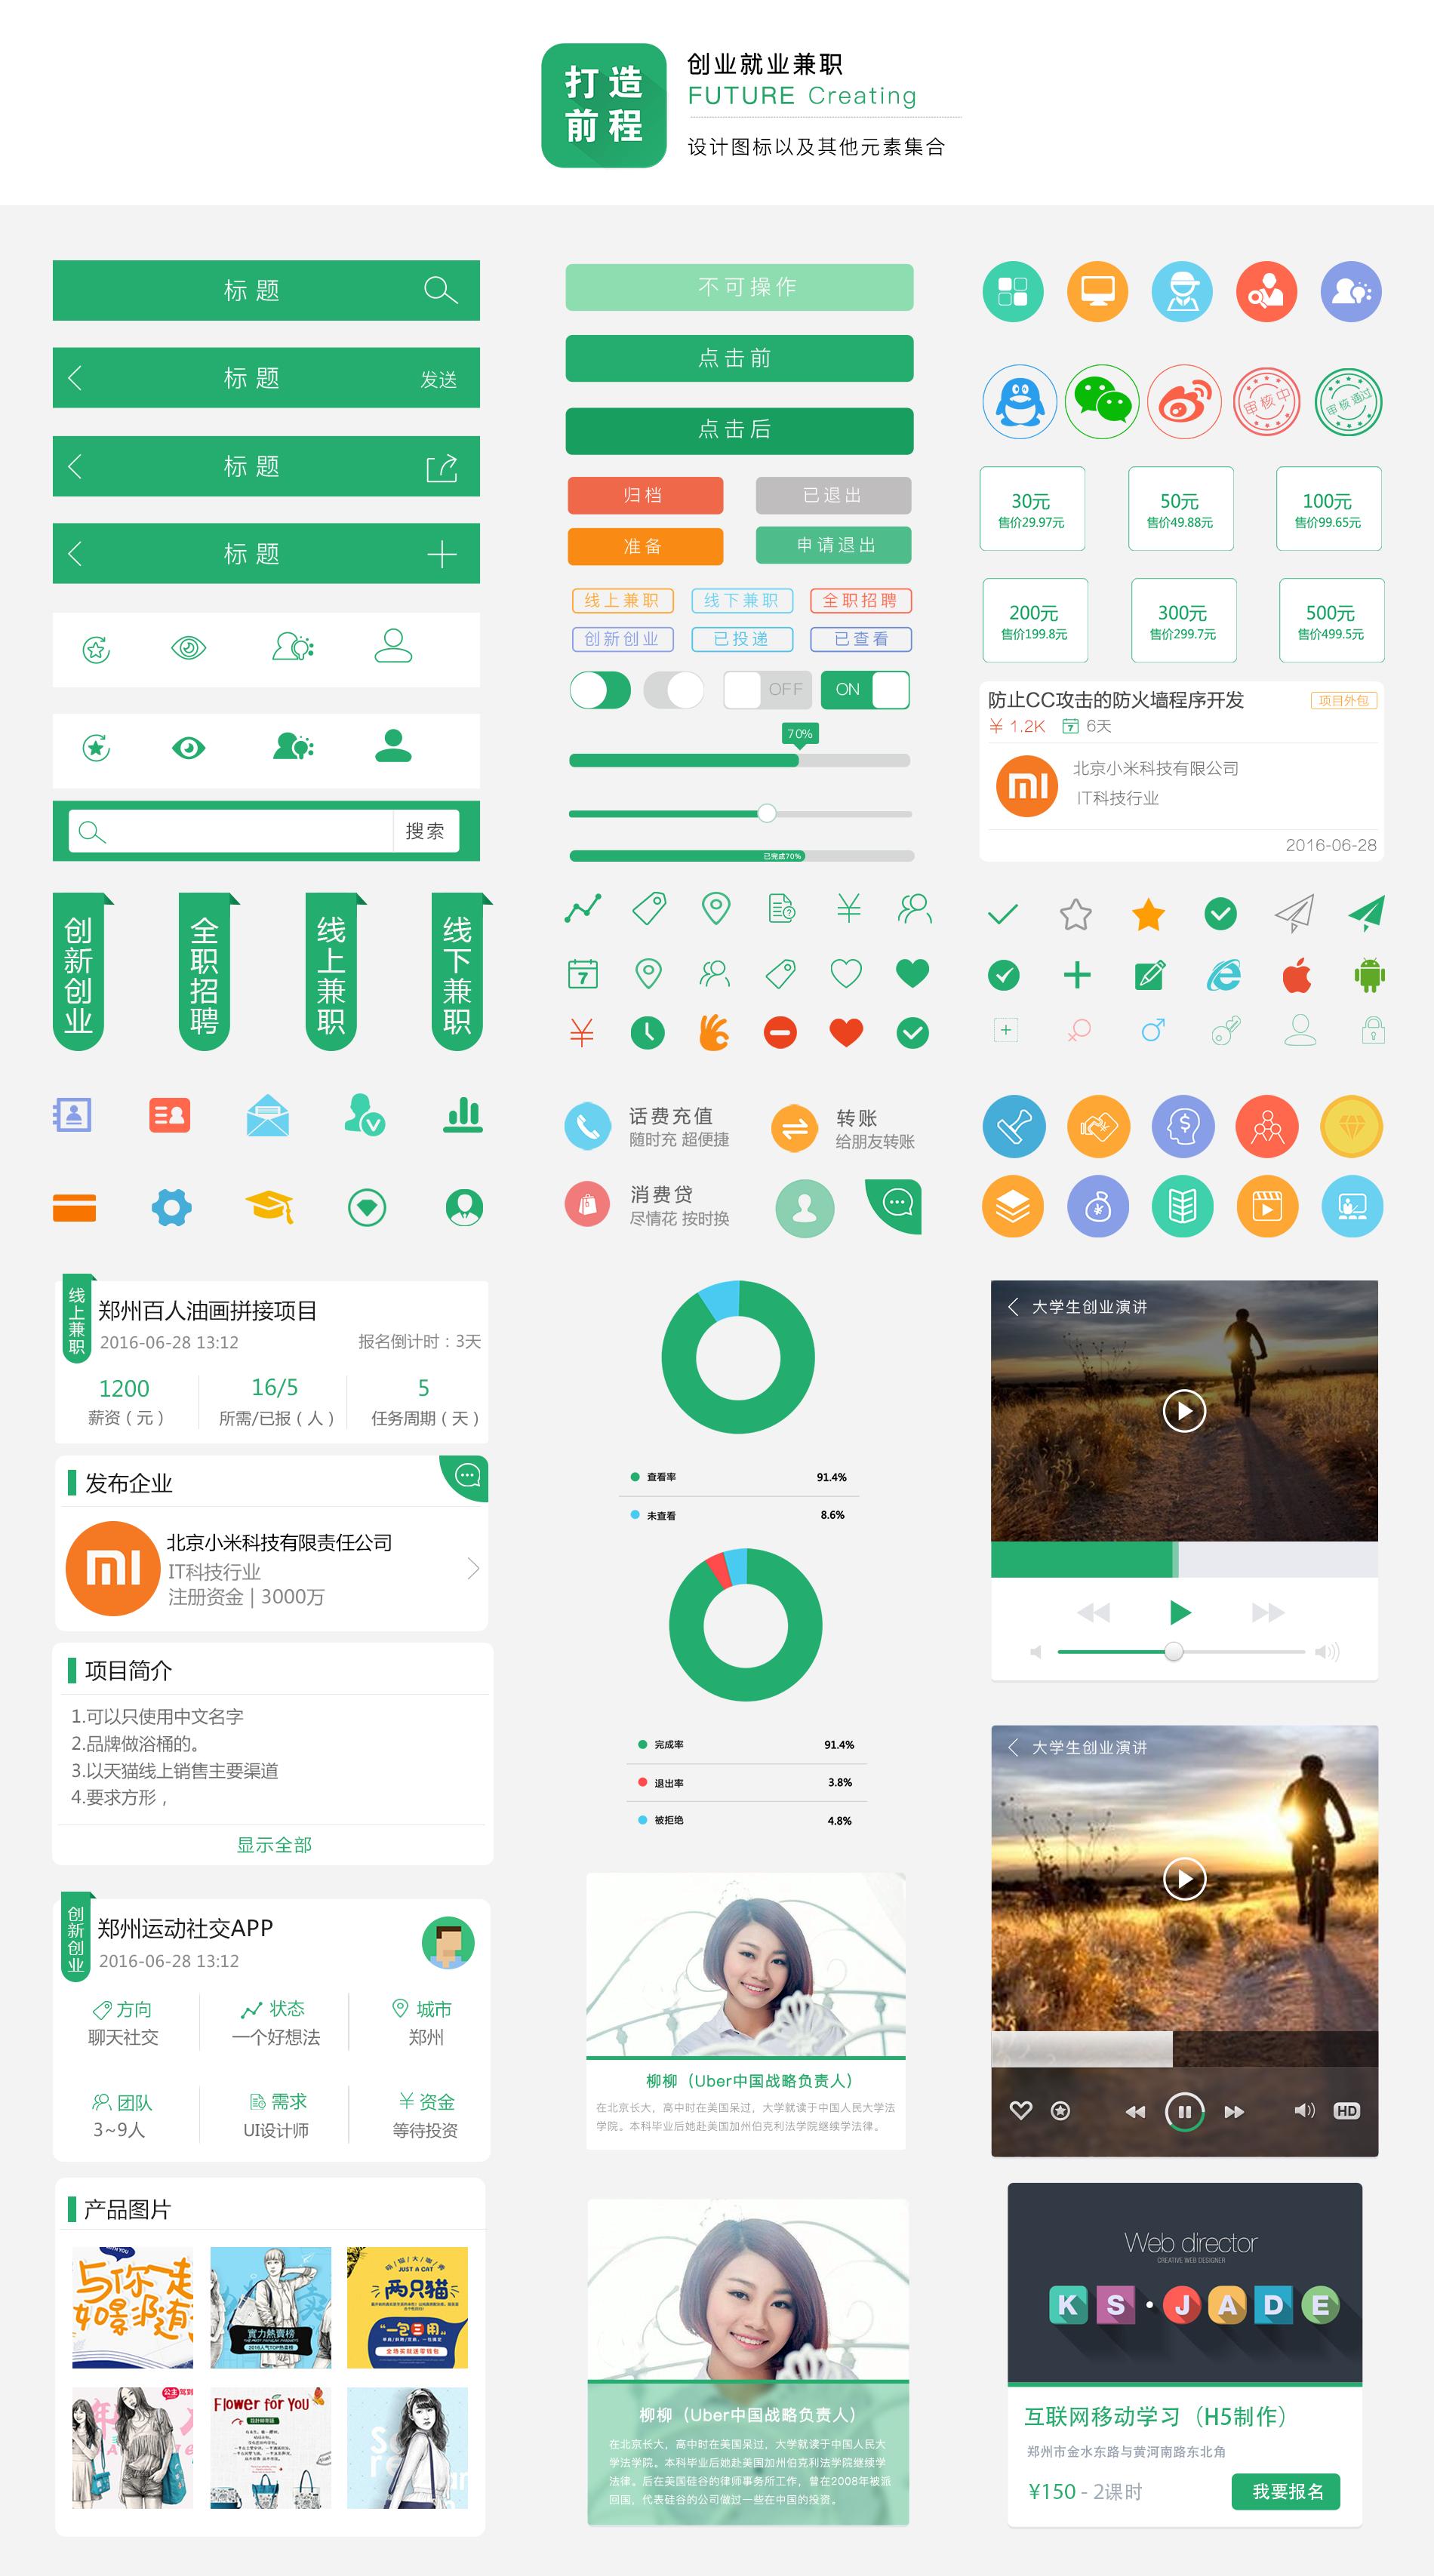 app项目图标元素集合|图标|ui|孔小二 - 原创设计作品